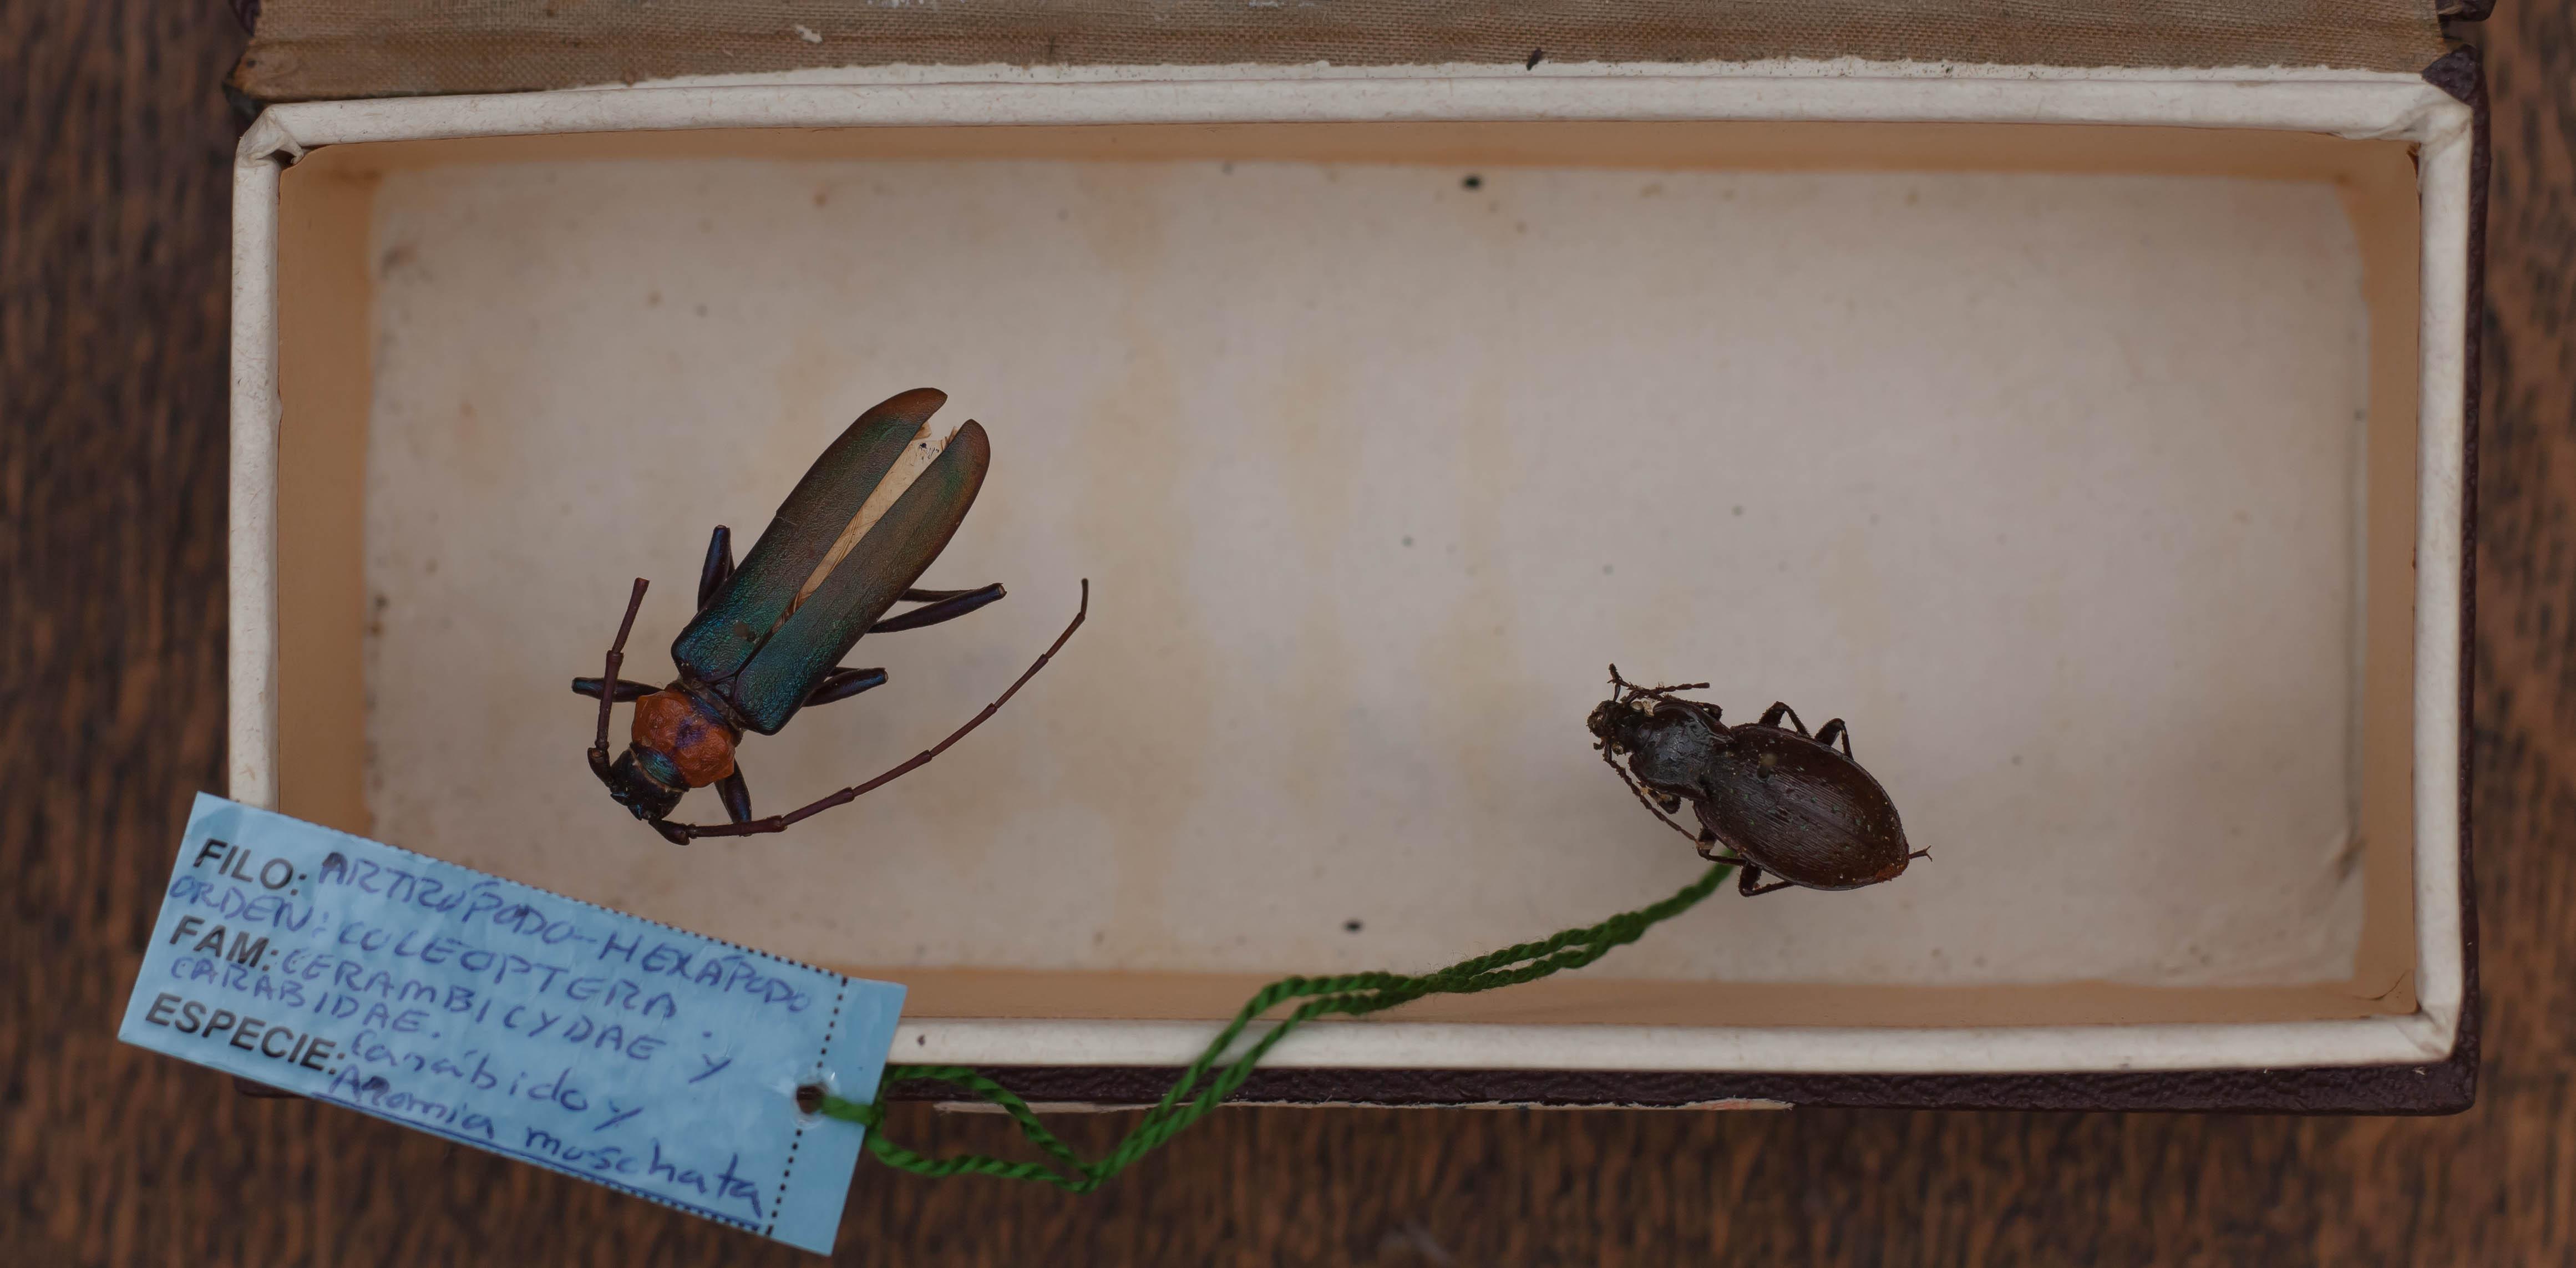 IES_CARDENALCISNEROS_Insectos_010